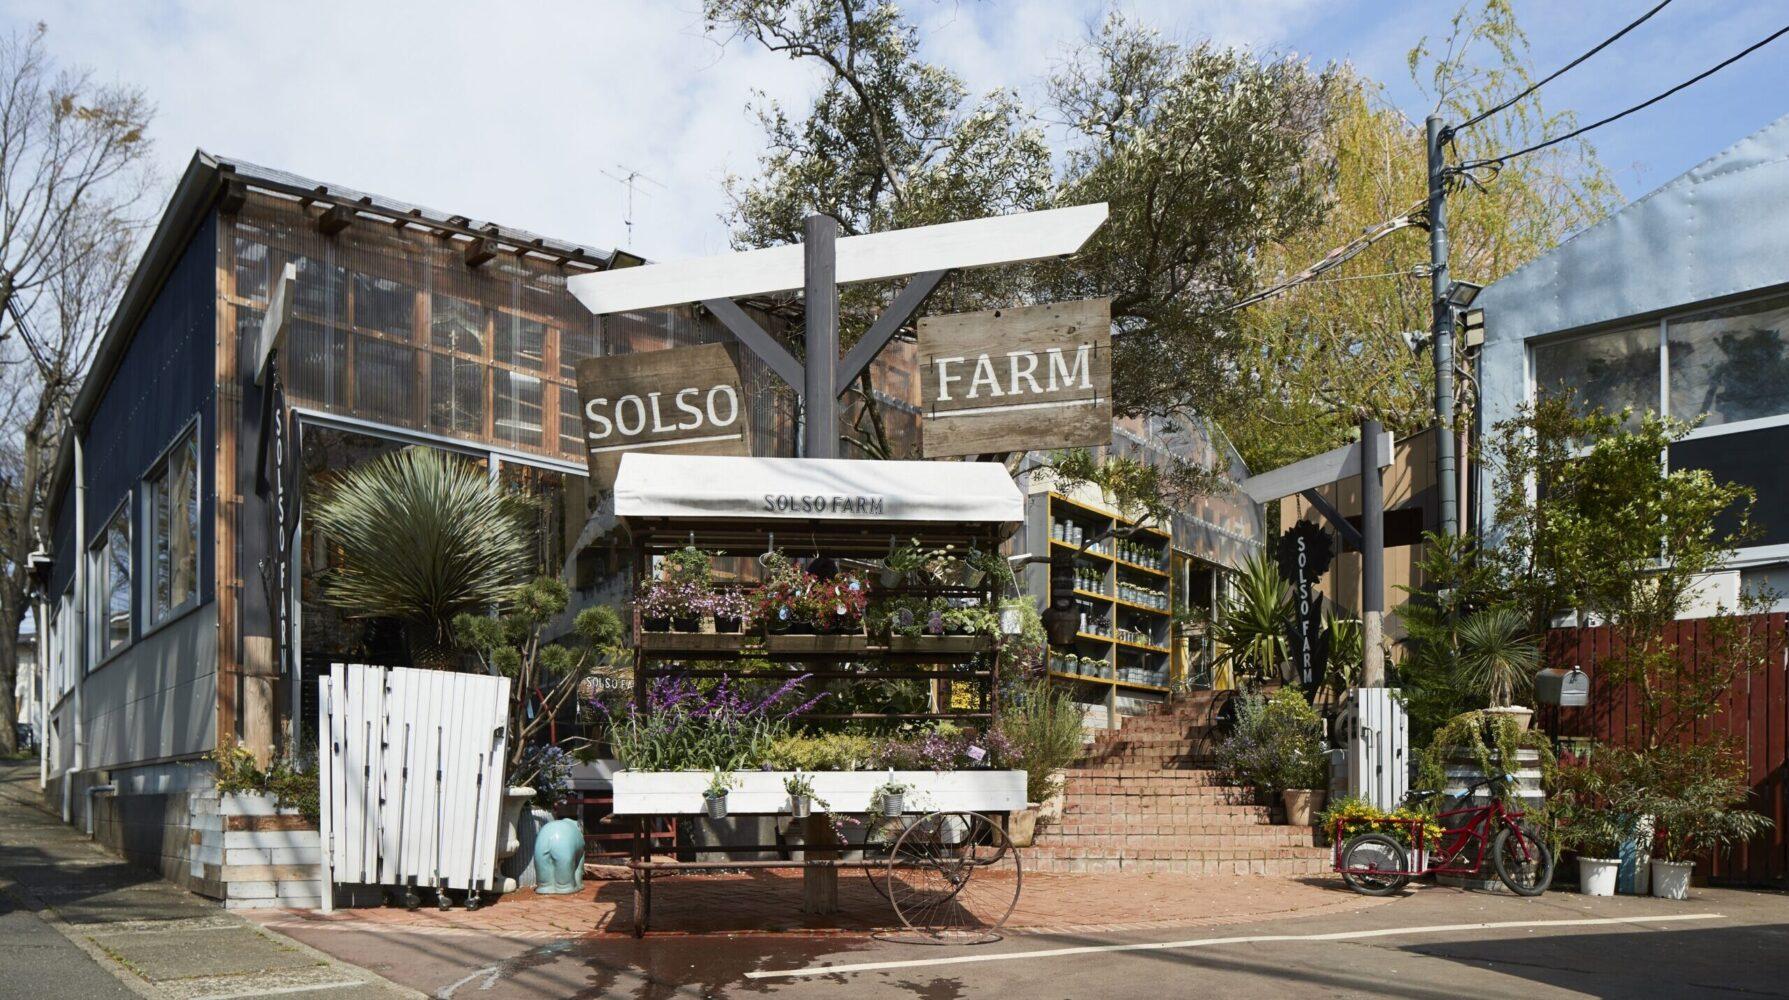 SOLSO FARMが3月17日(土)10時にリニューアルオープンします イメージ画像